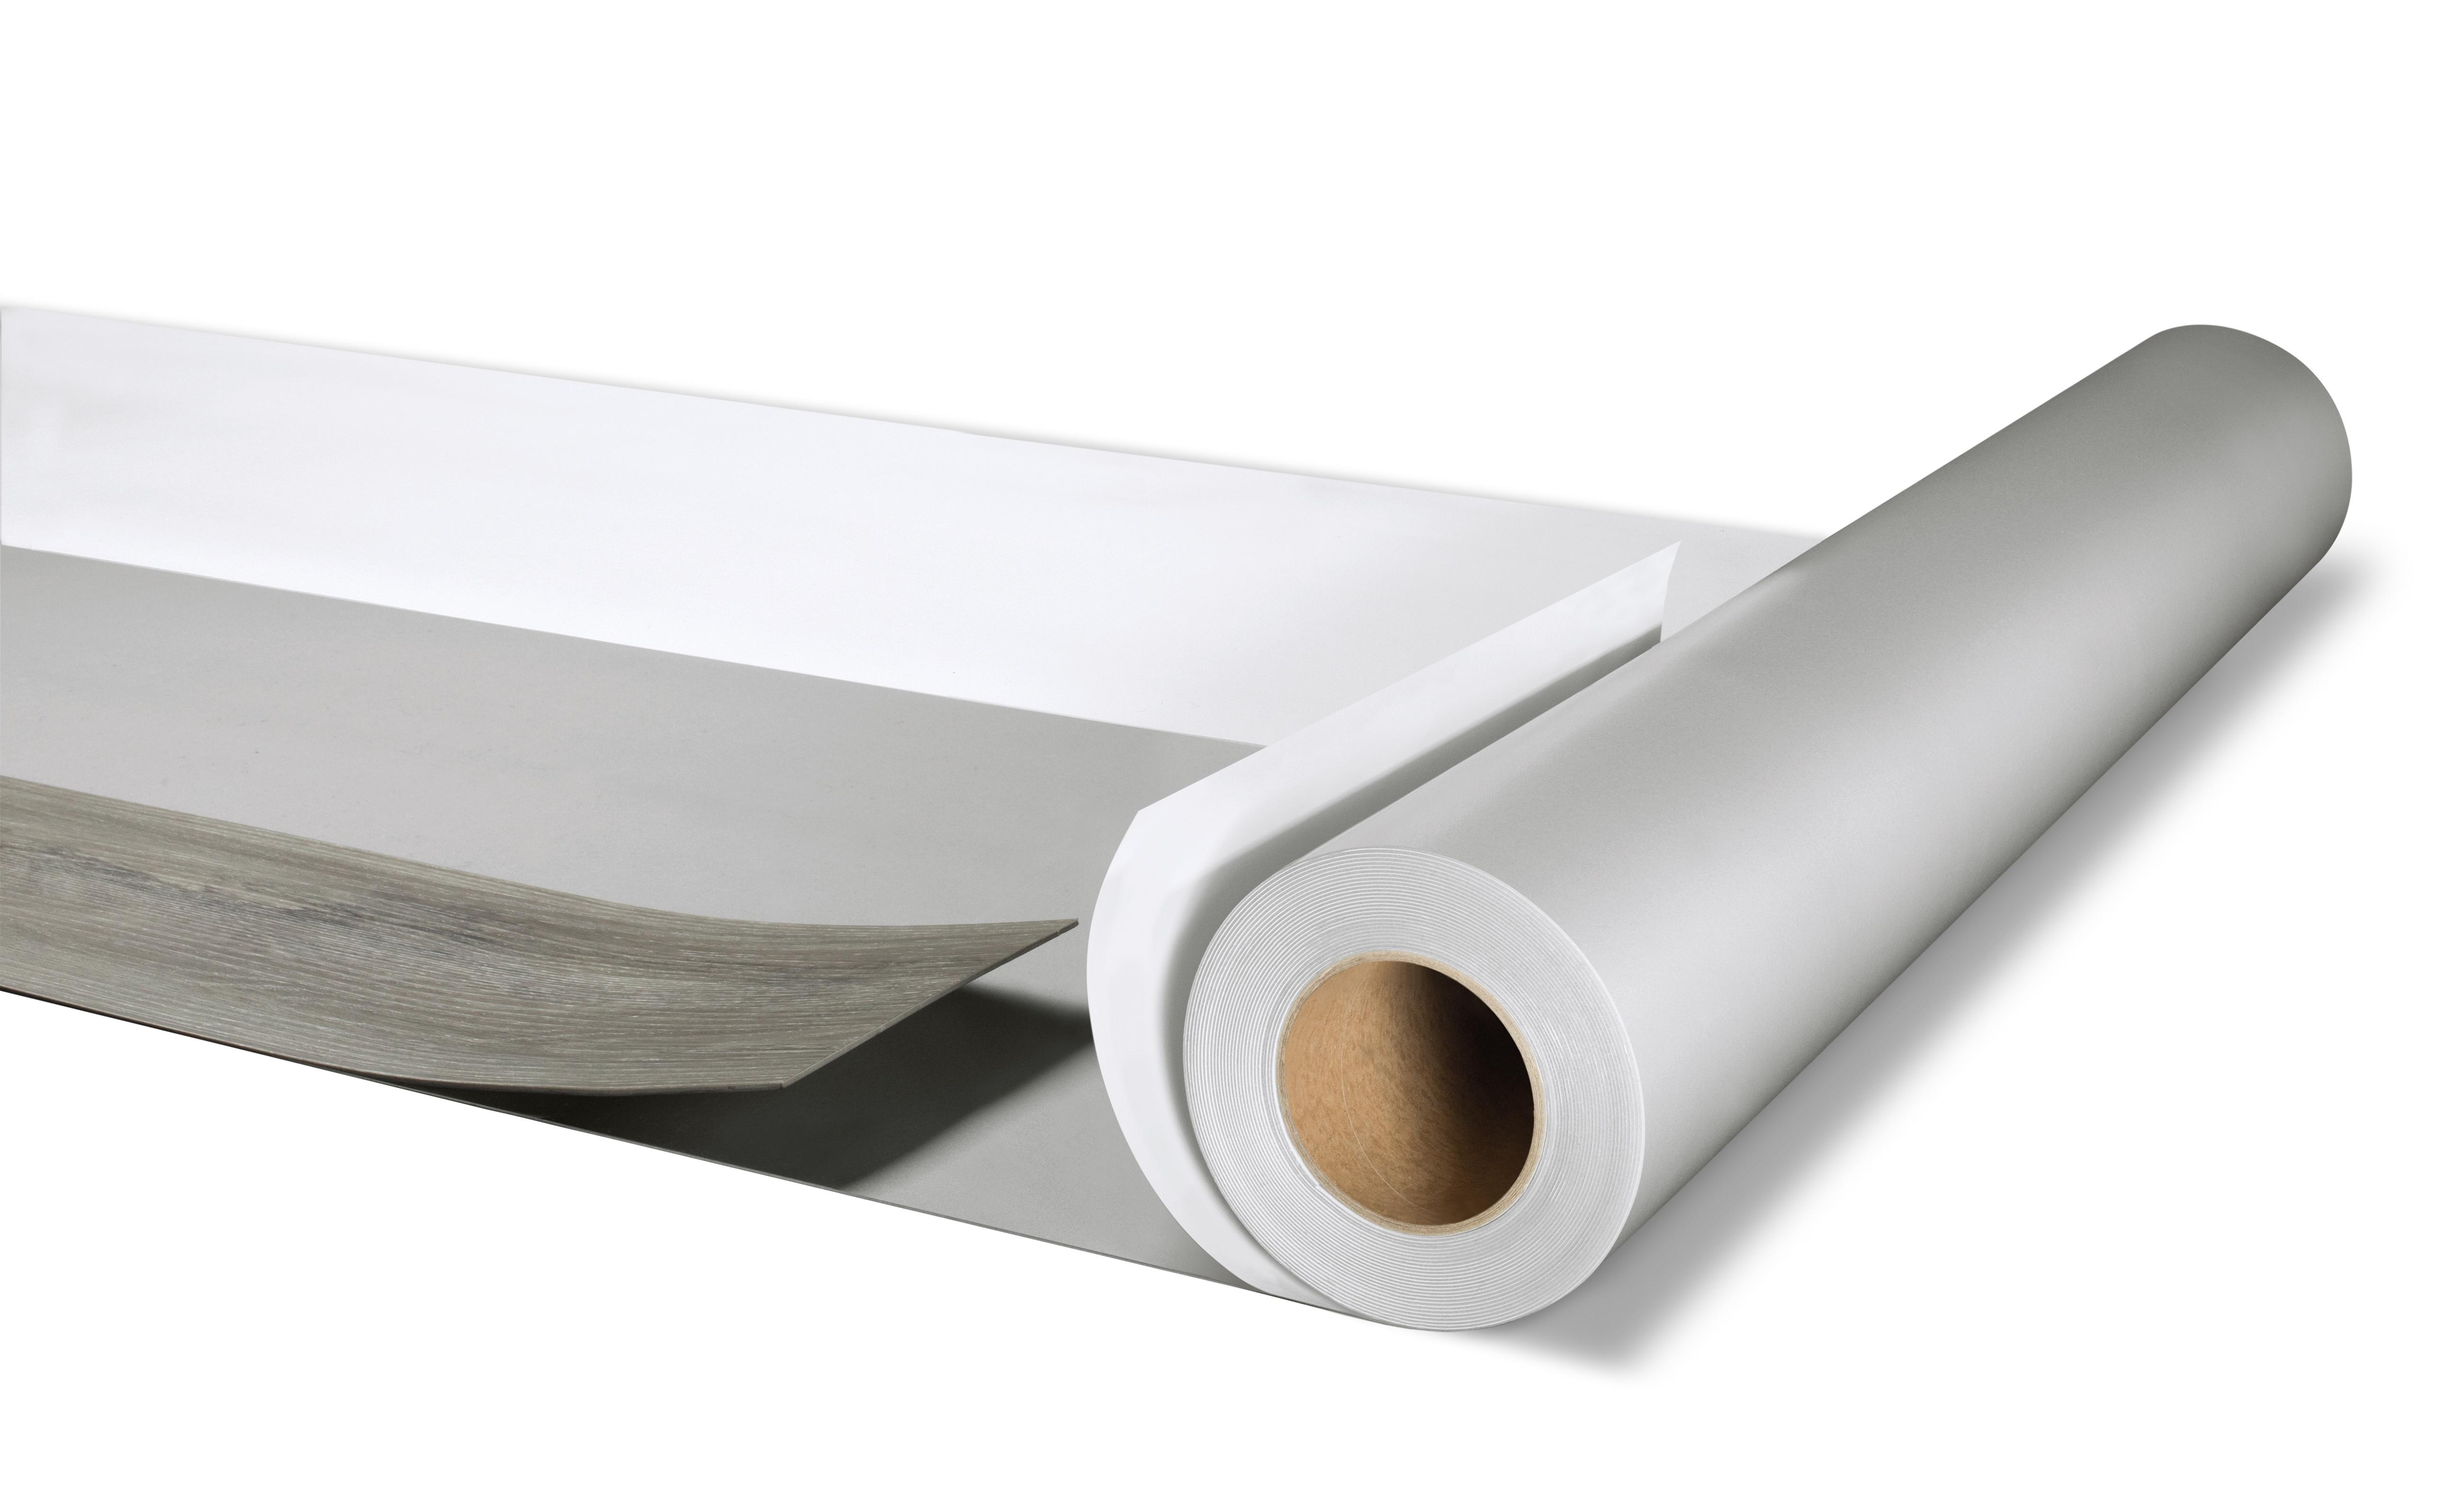 VISCOH vinyl 600 SK insulating underlay